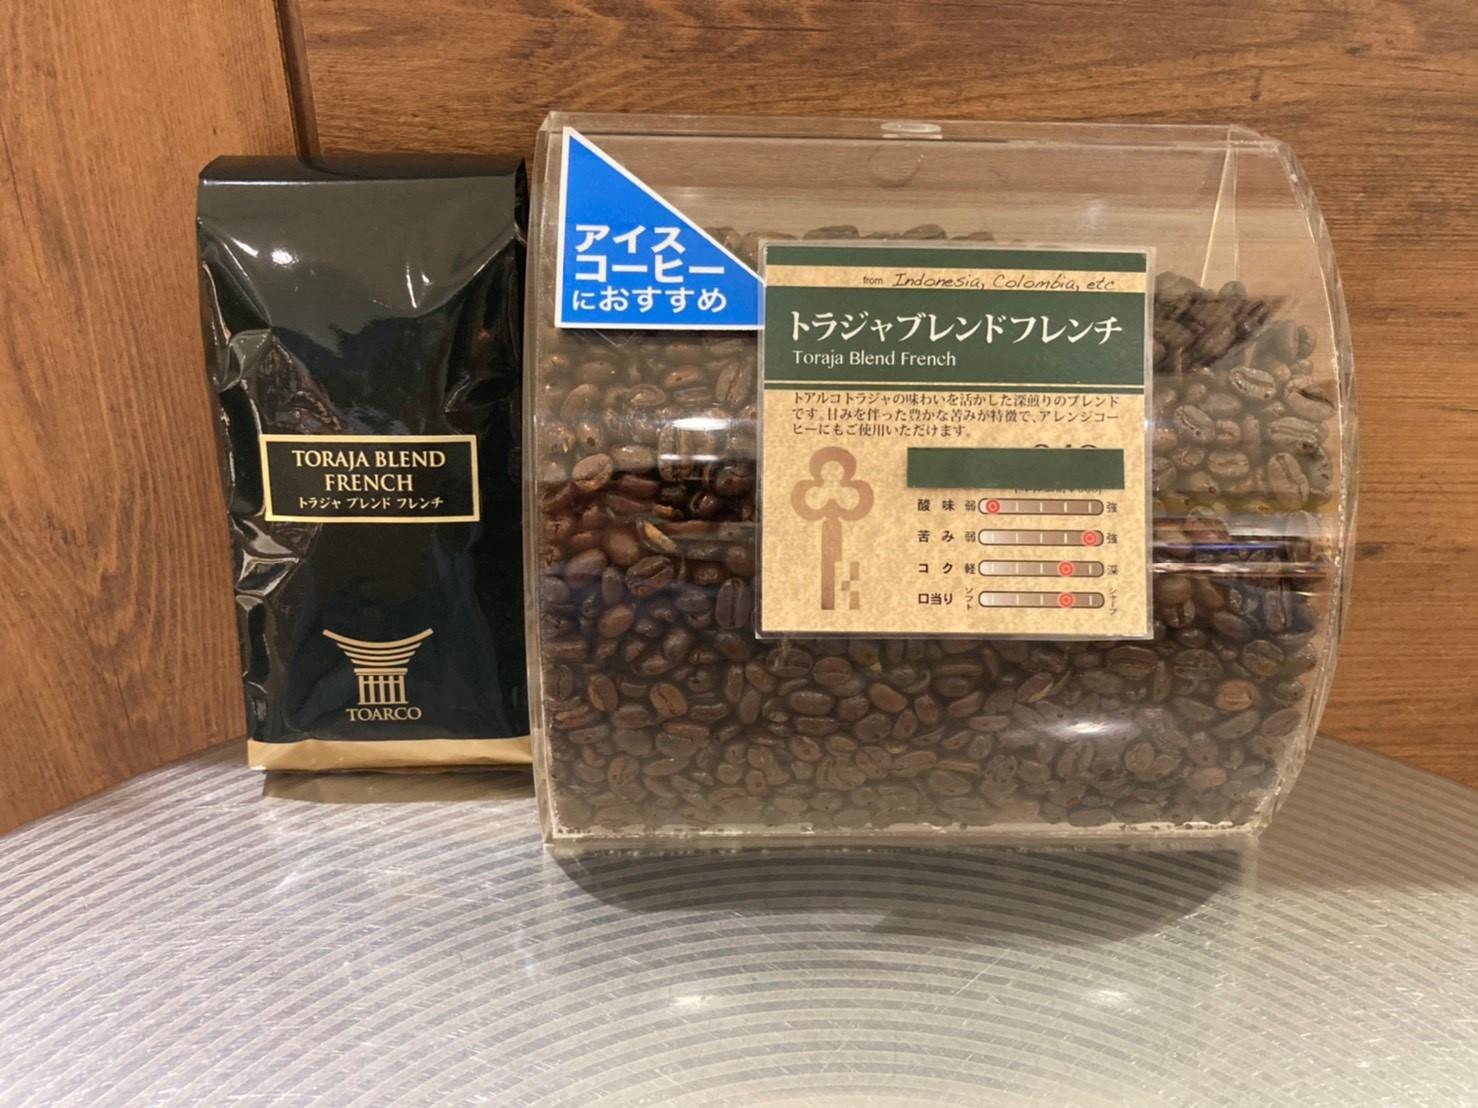 トラジャブレンドフレンチ(アイス用豆)300g